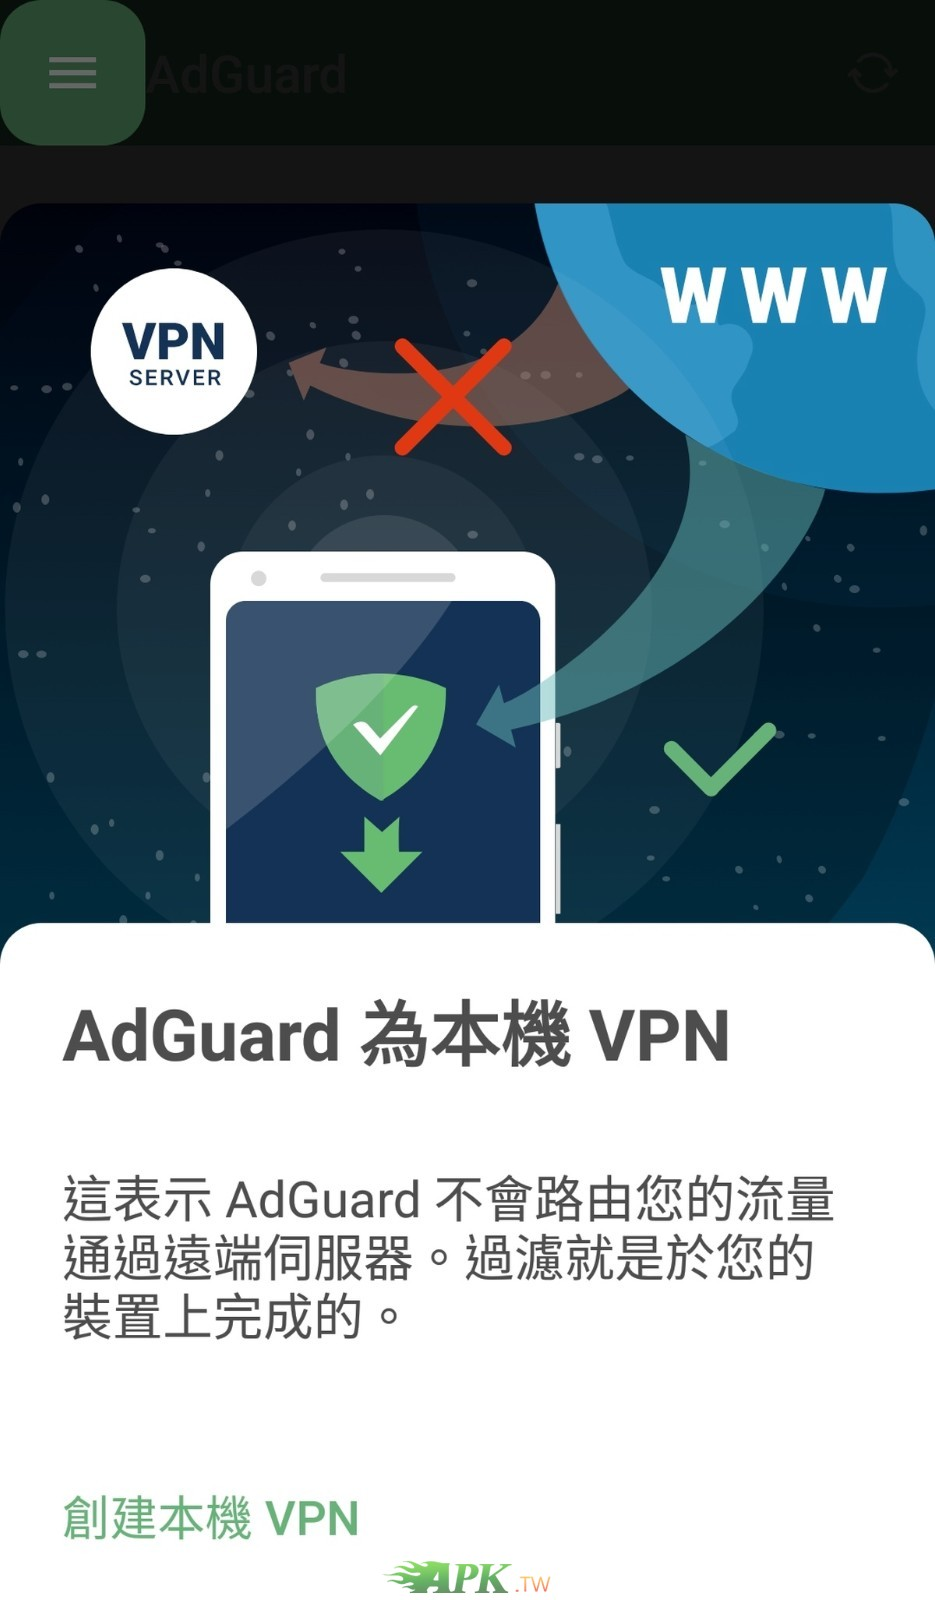 AdGuard__2.jpg